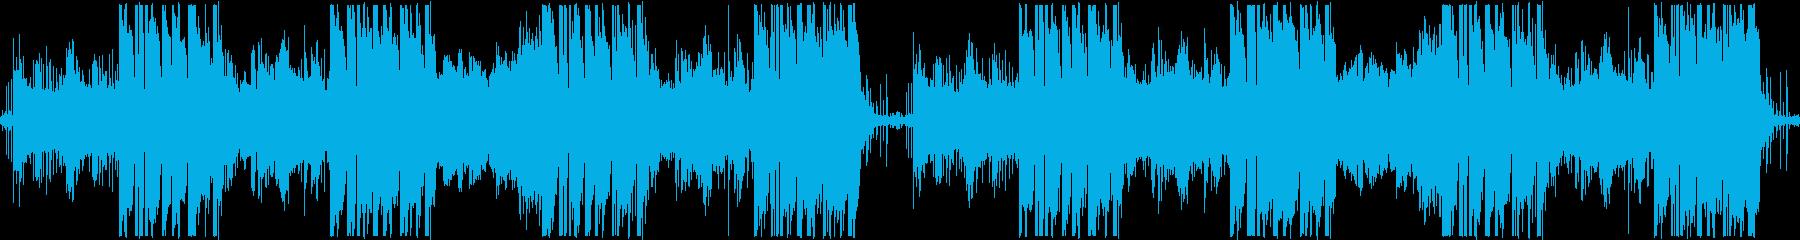 インダストリアル、ノイズ系Hiphopの再生済みの波形